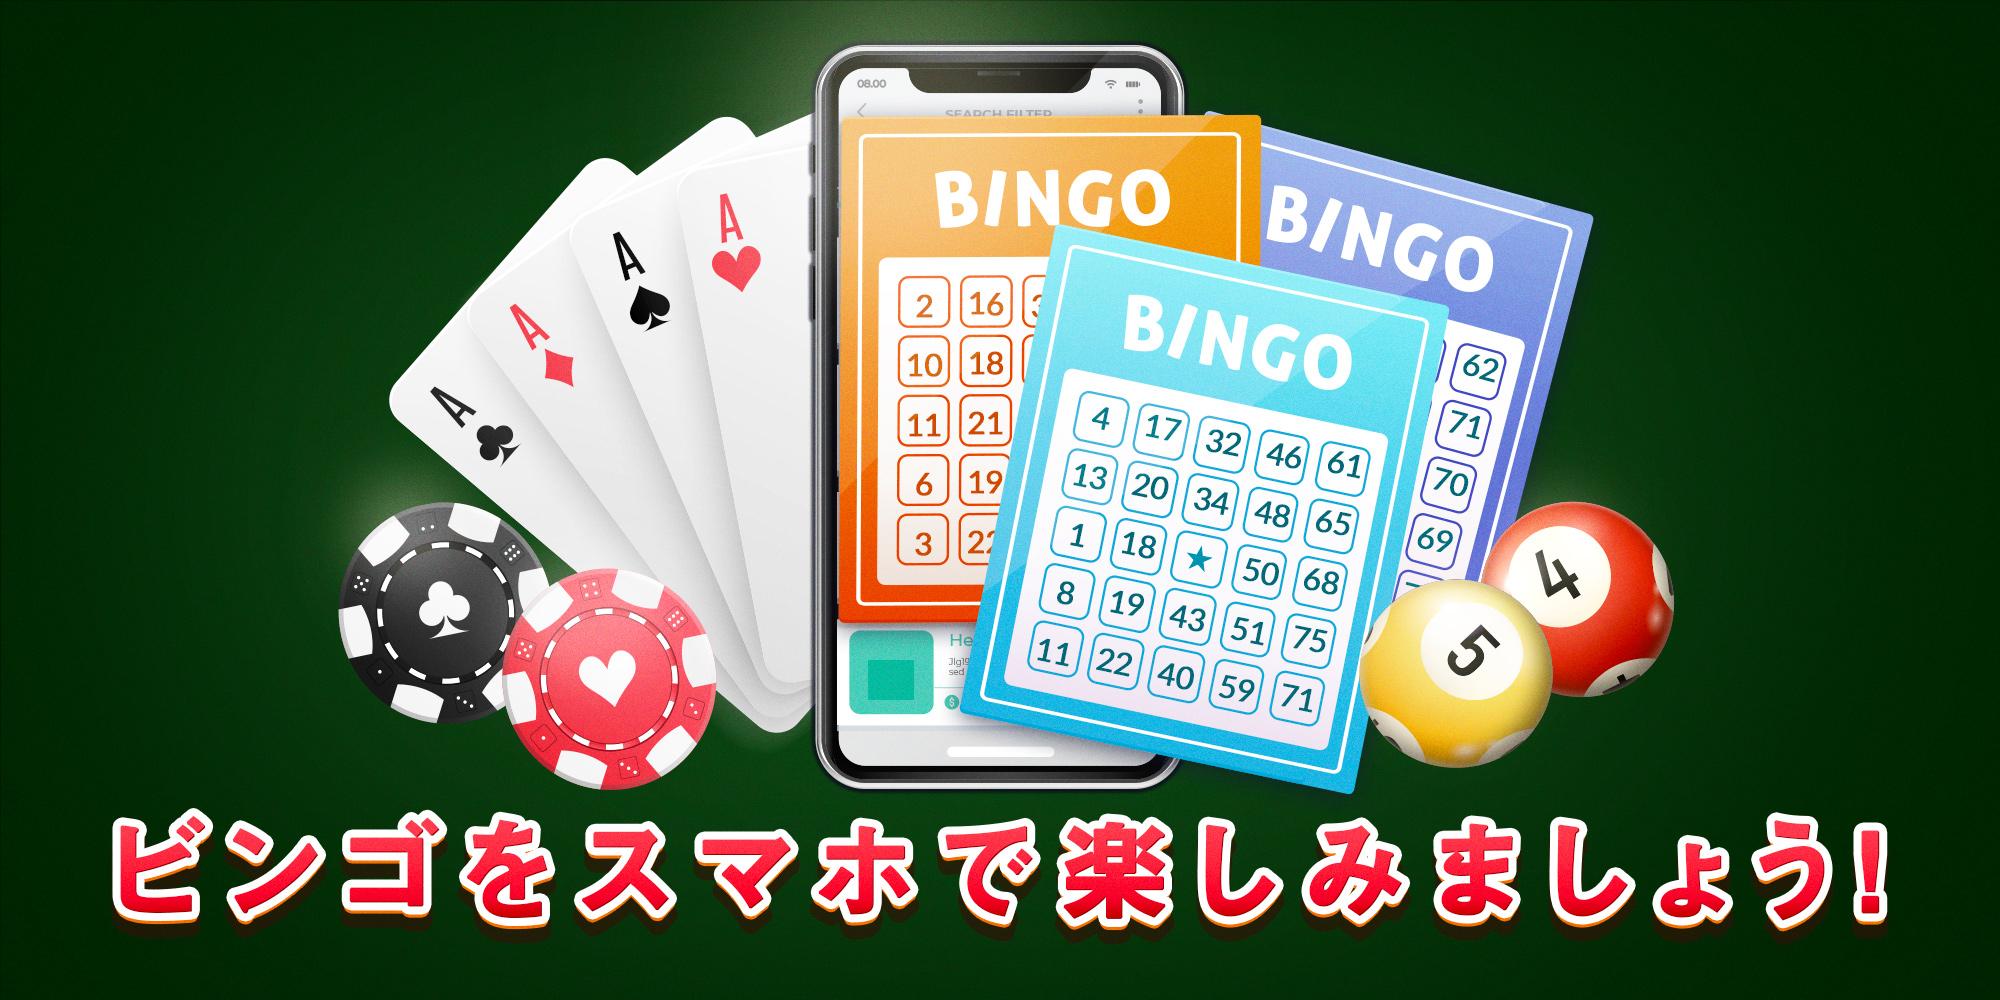 カジノ ビンゴギャンブル